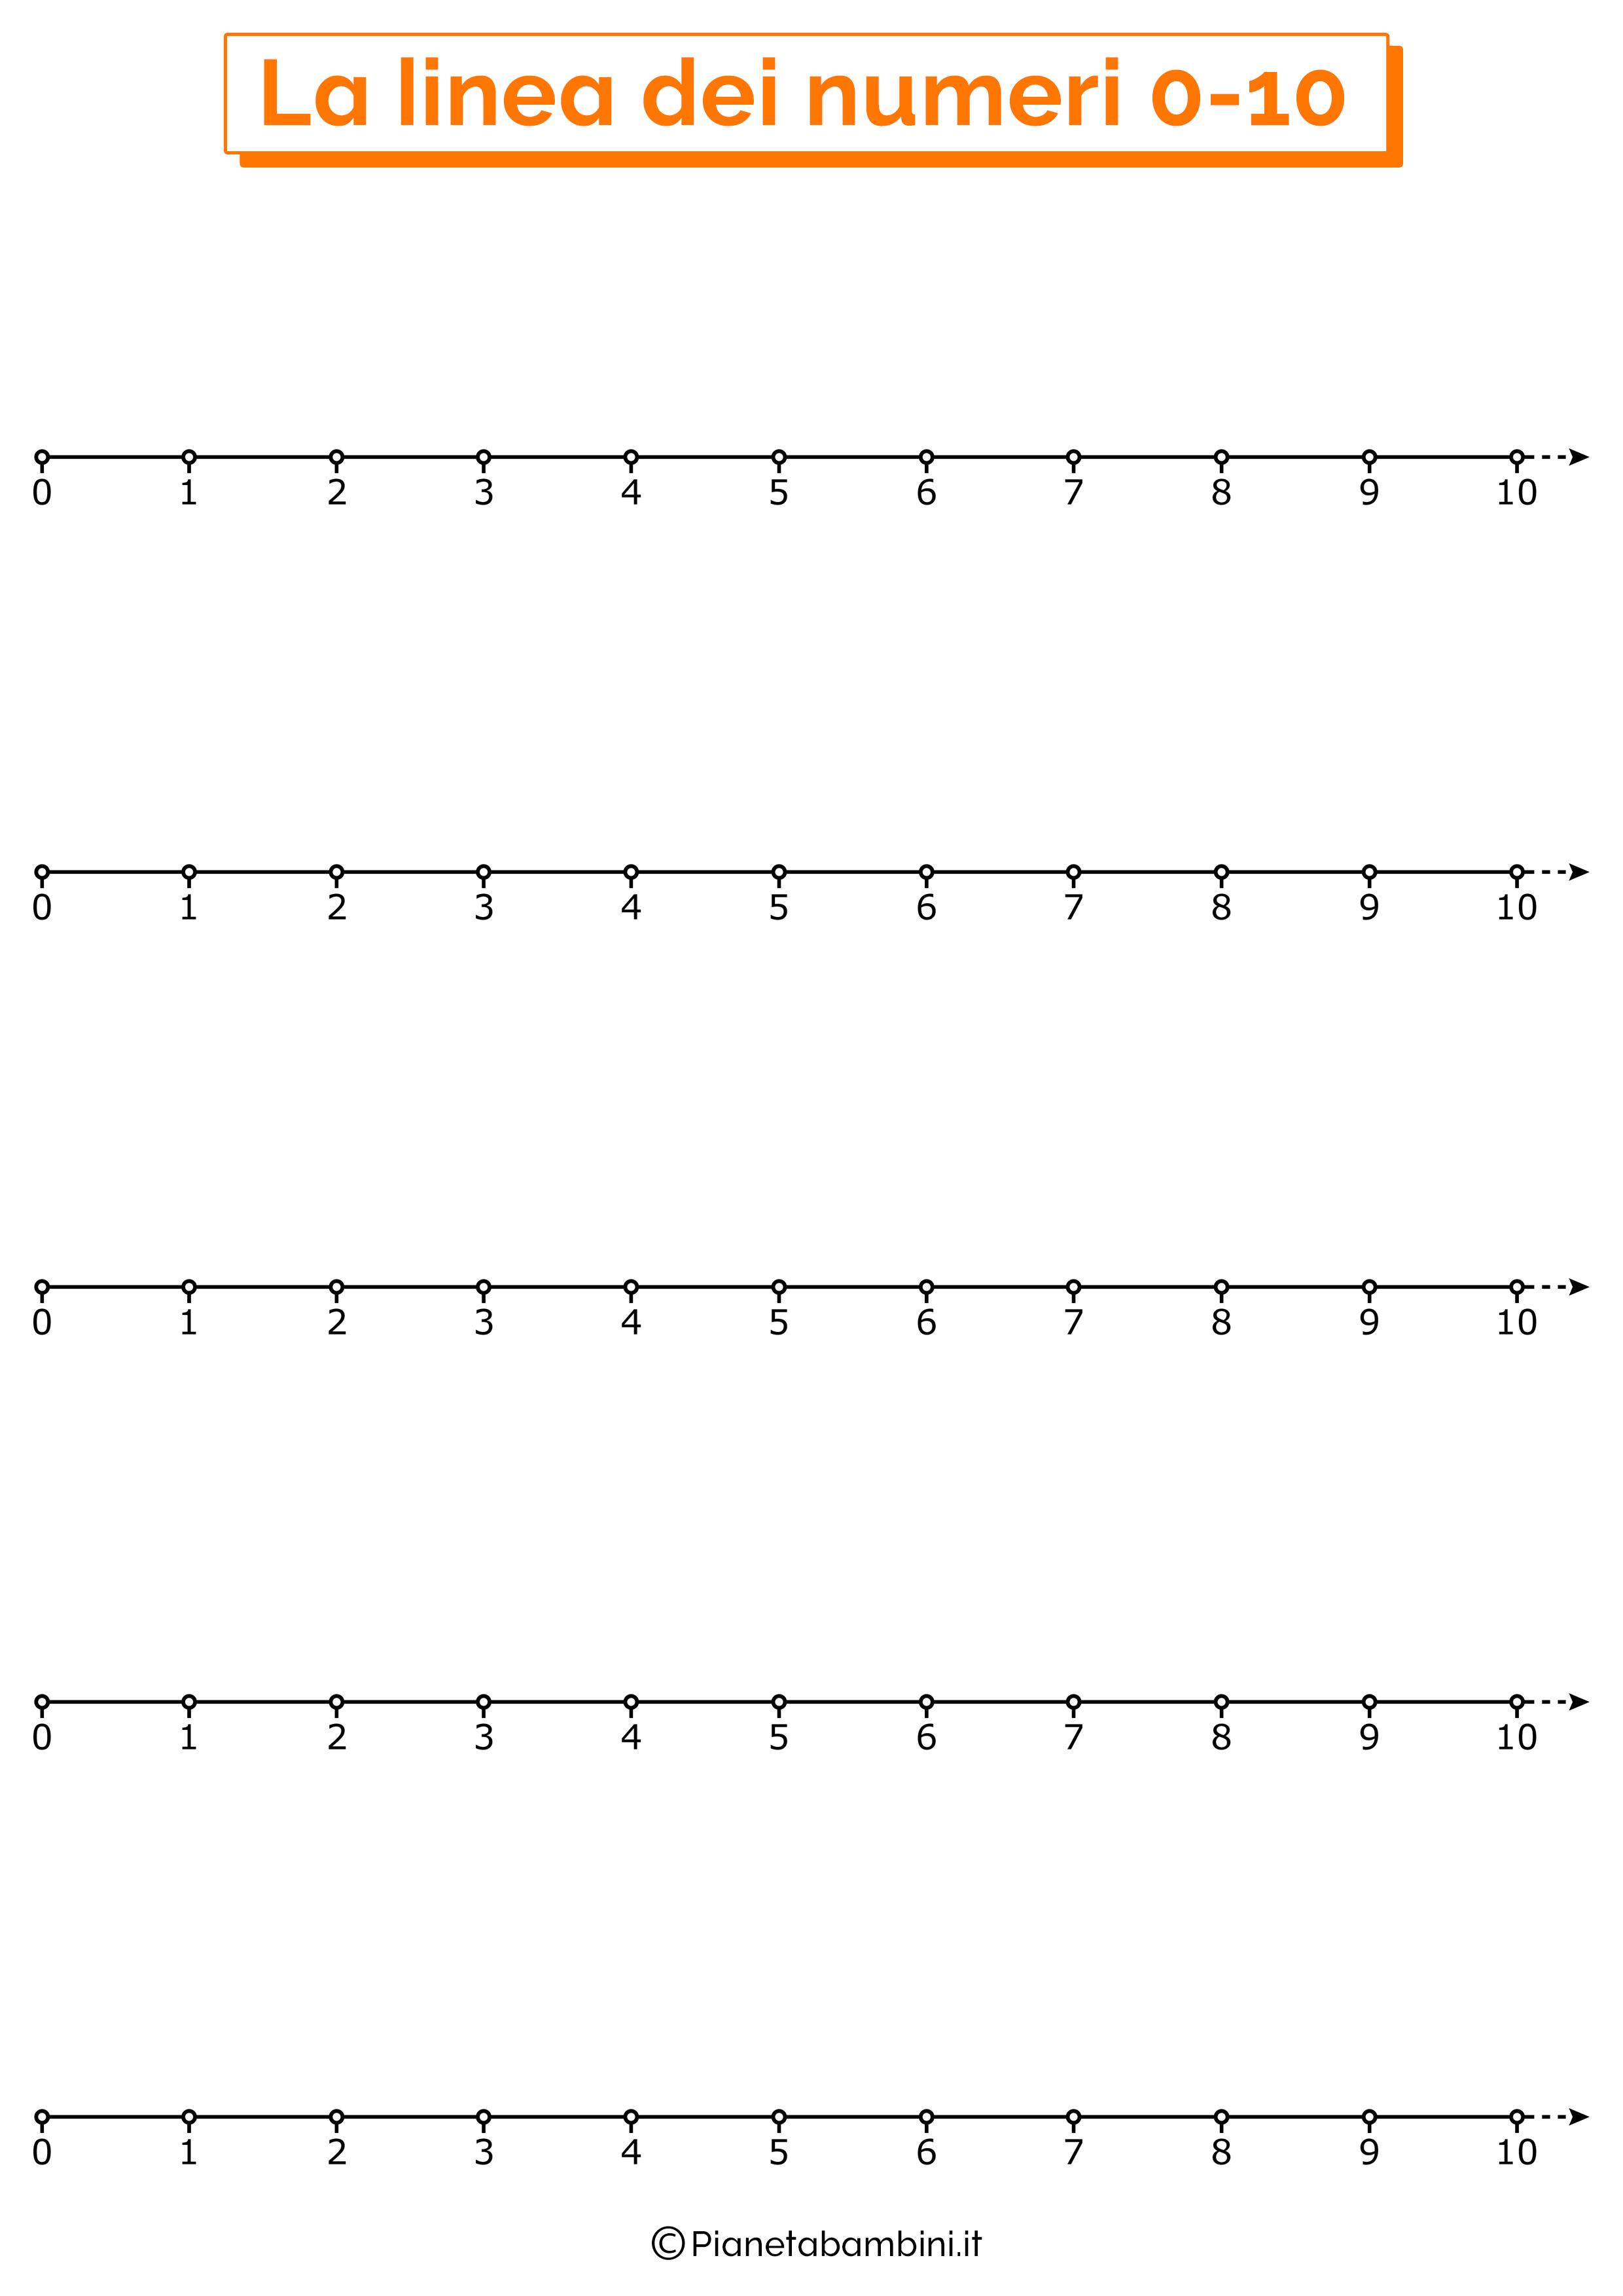 Linea dei numeri da 0 a 10 verticale